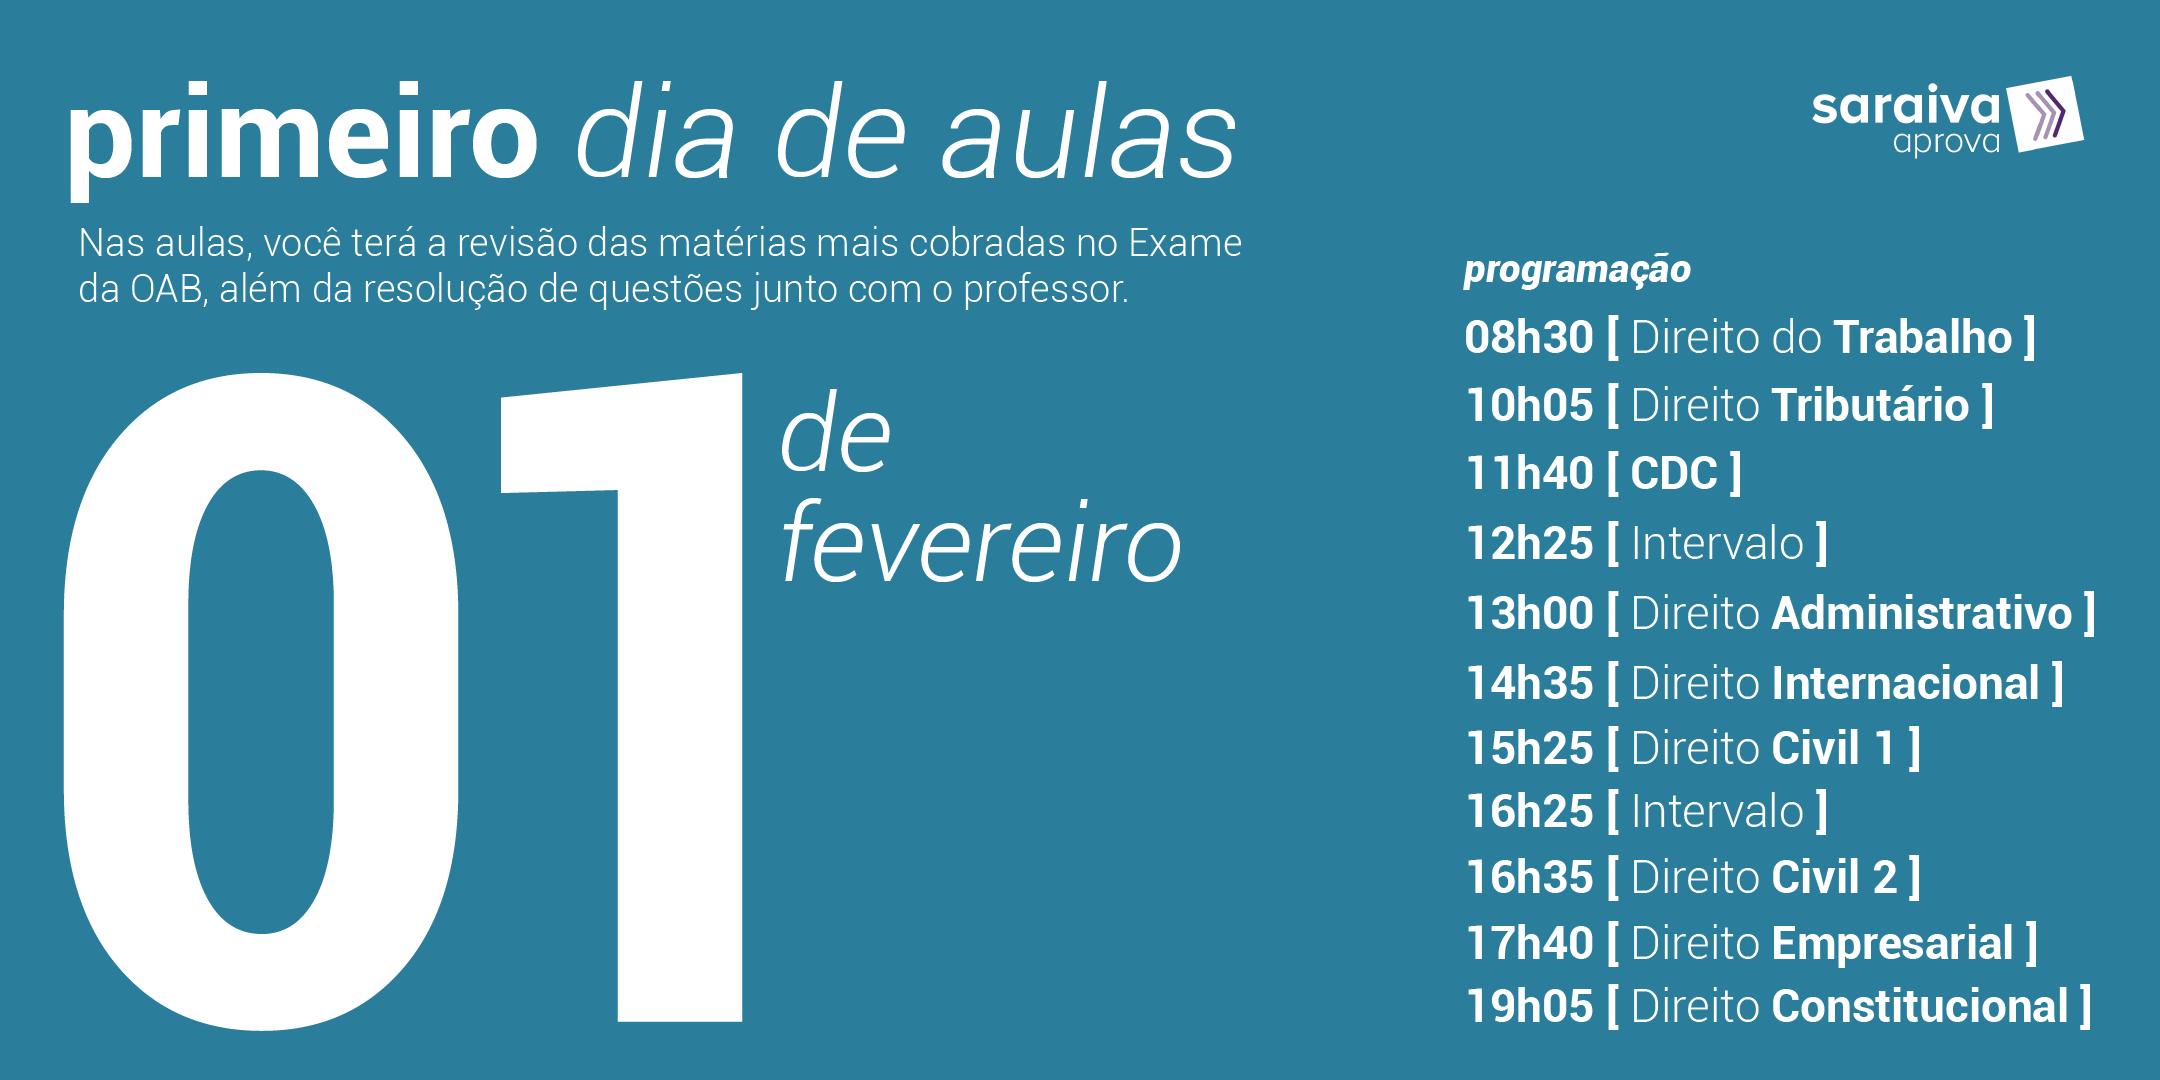 Cronograma com as aulas da maratona OAB do dia 1 de fevereiro